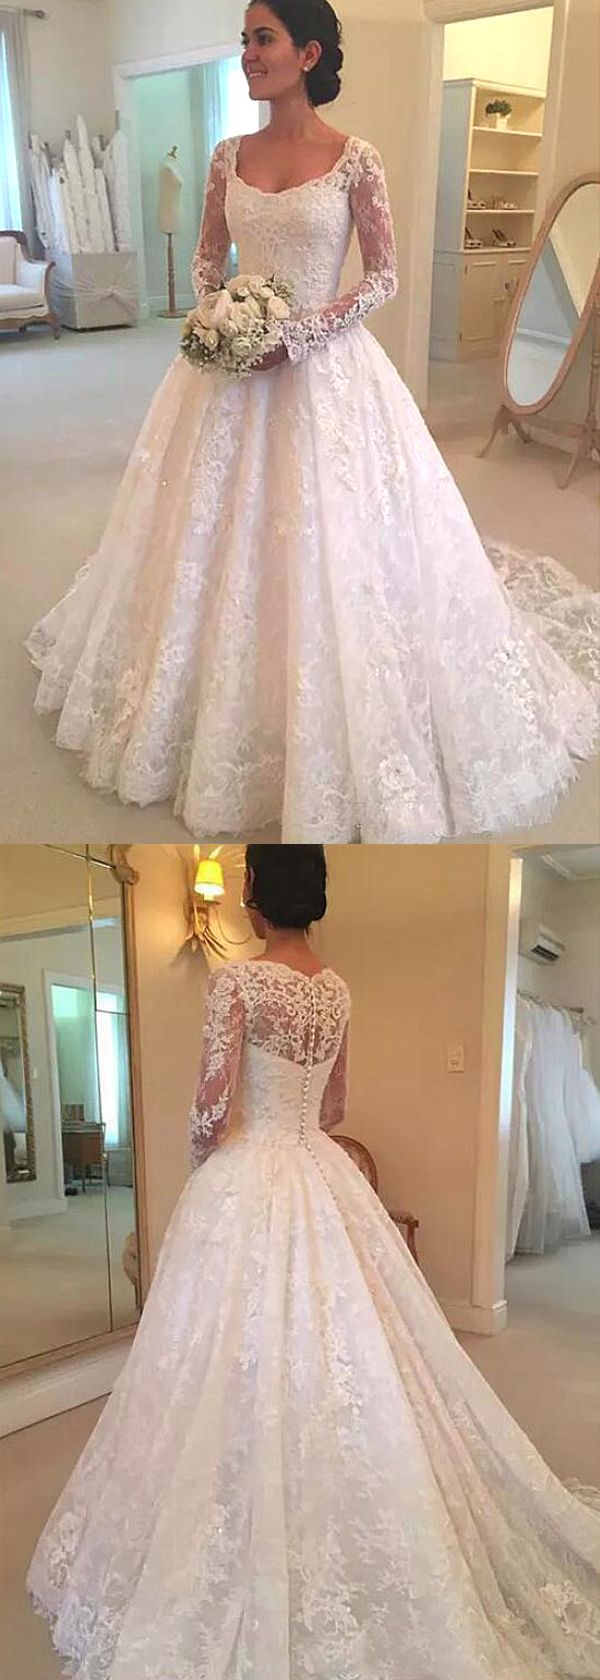 Attractive tulle scoop neckline aline wedding dress with beadings